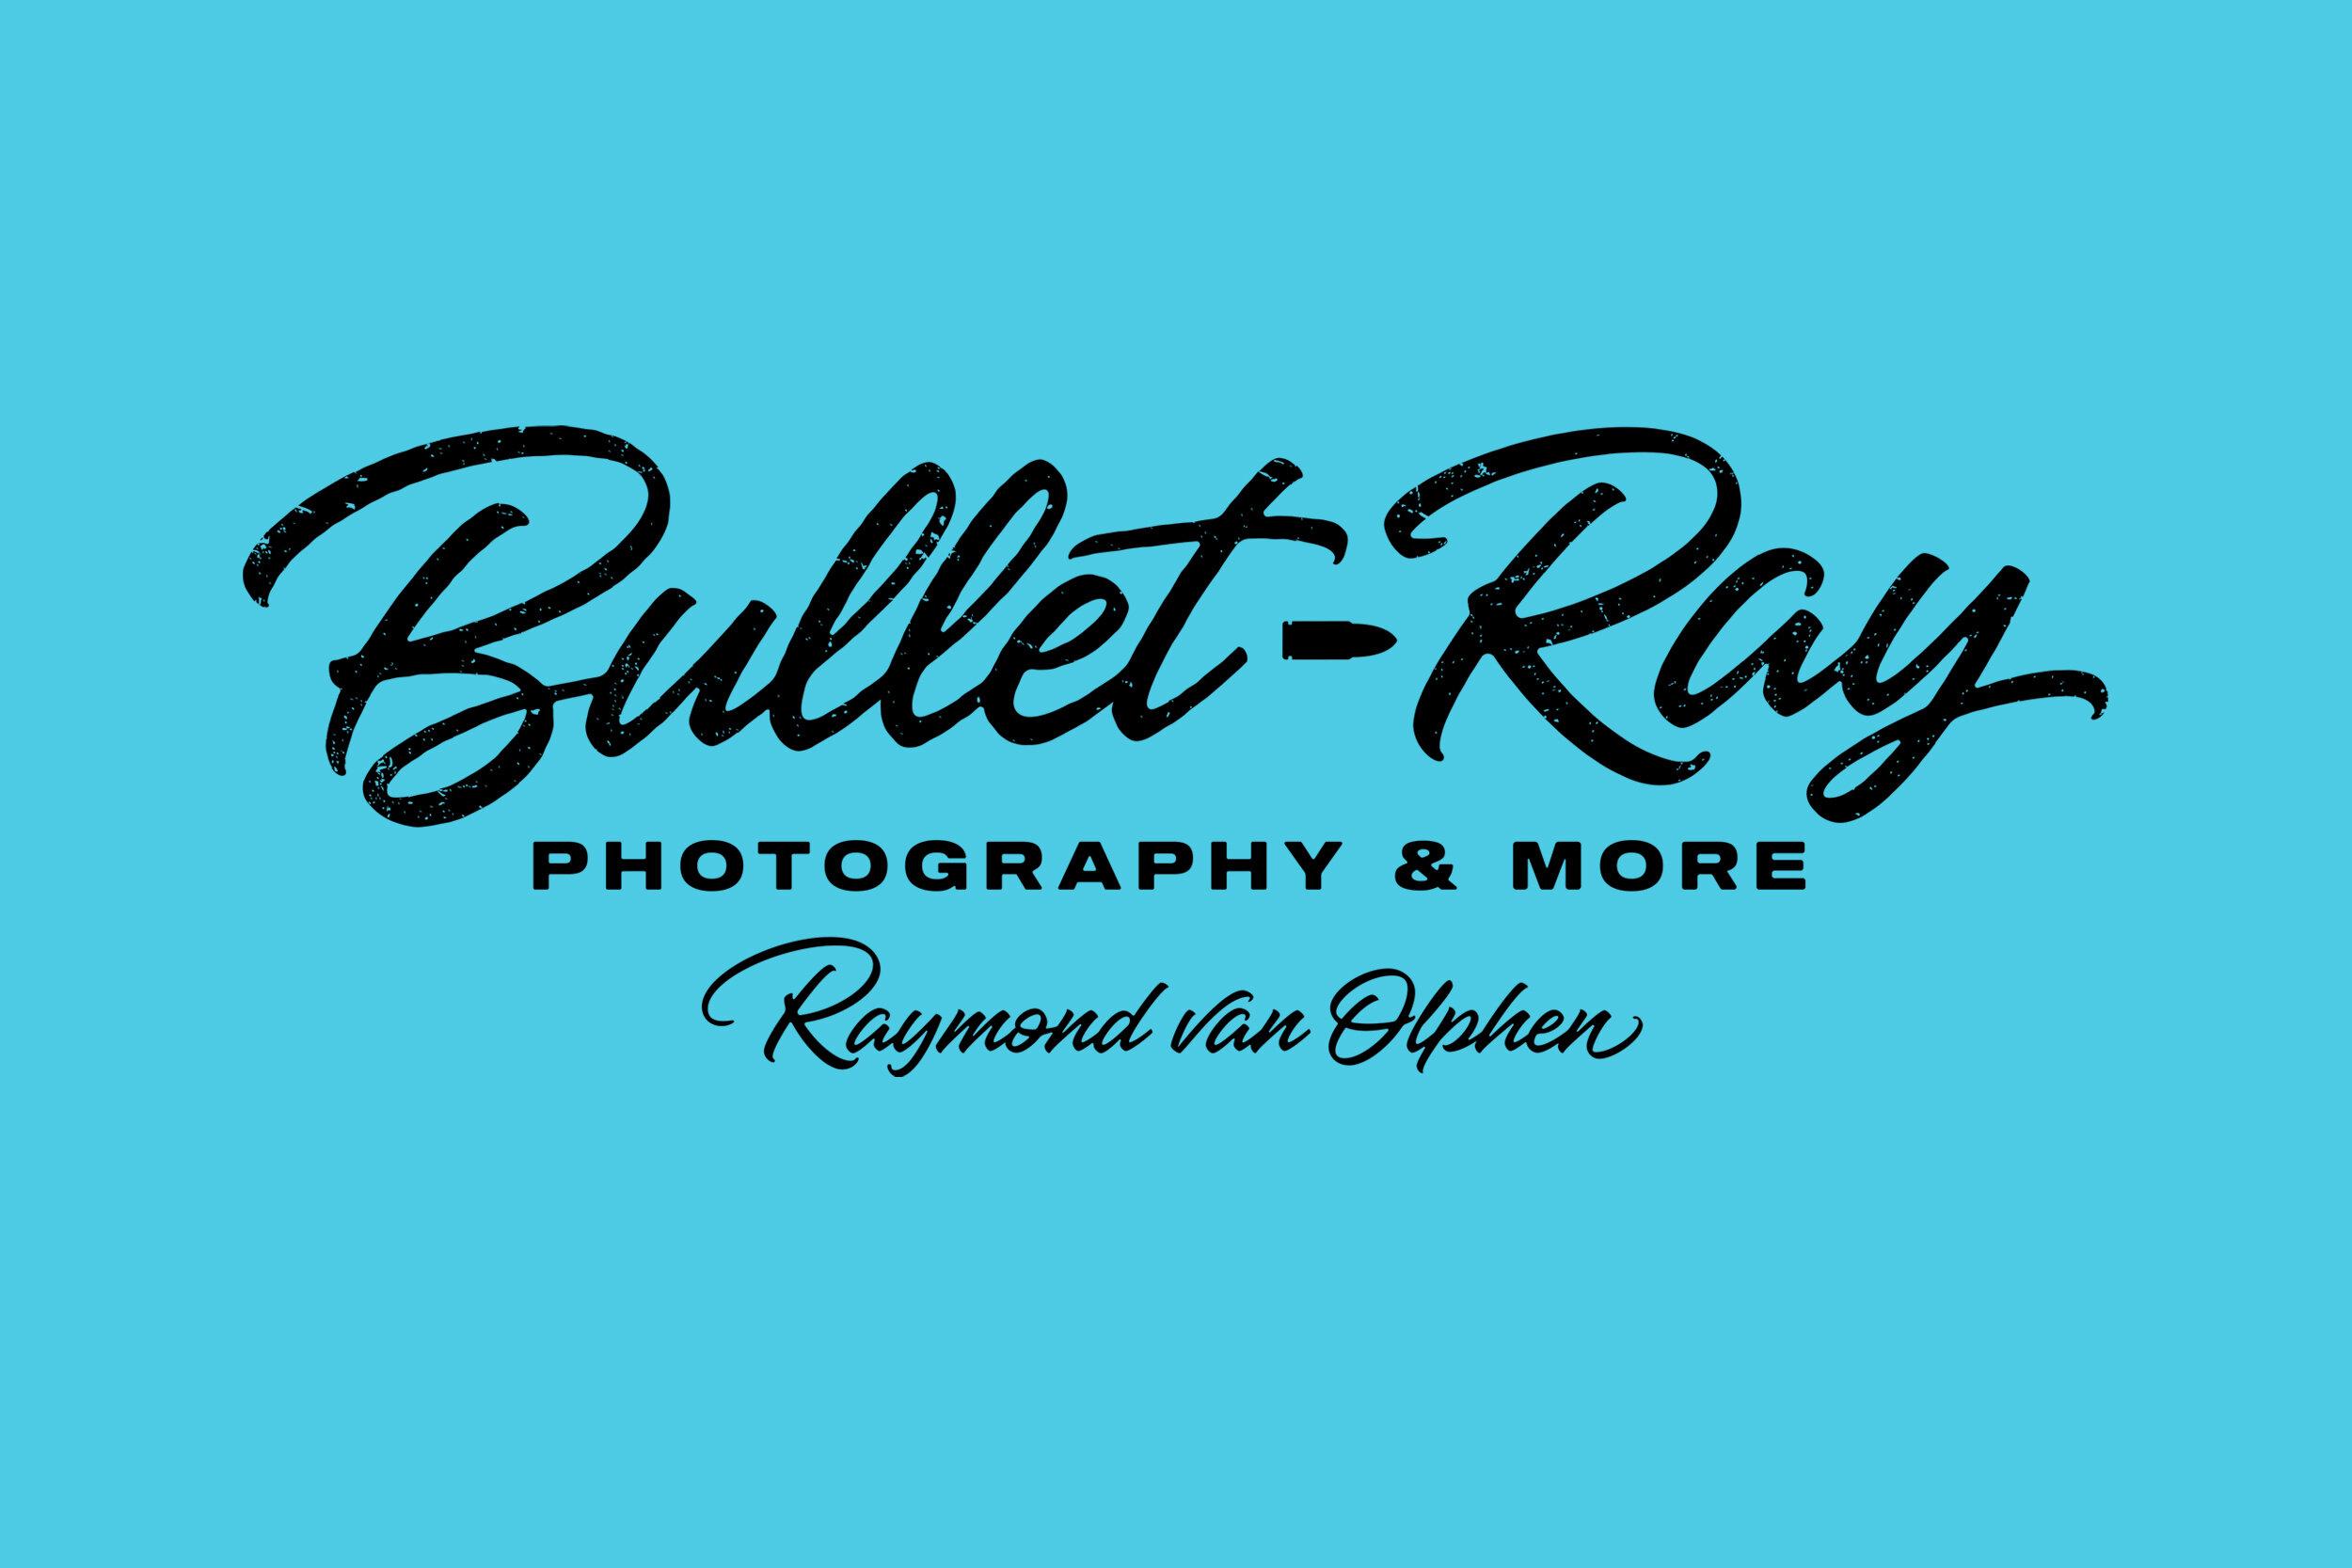 Logo_BulletRay_Shortlife.jpg